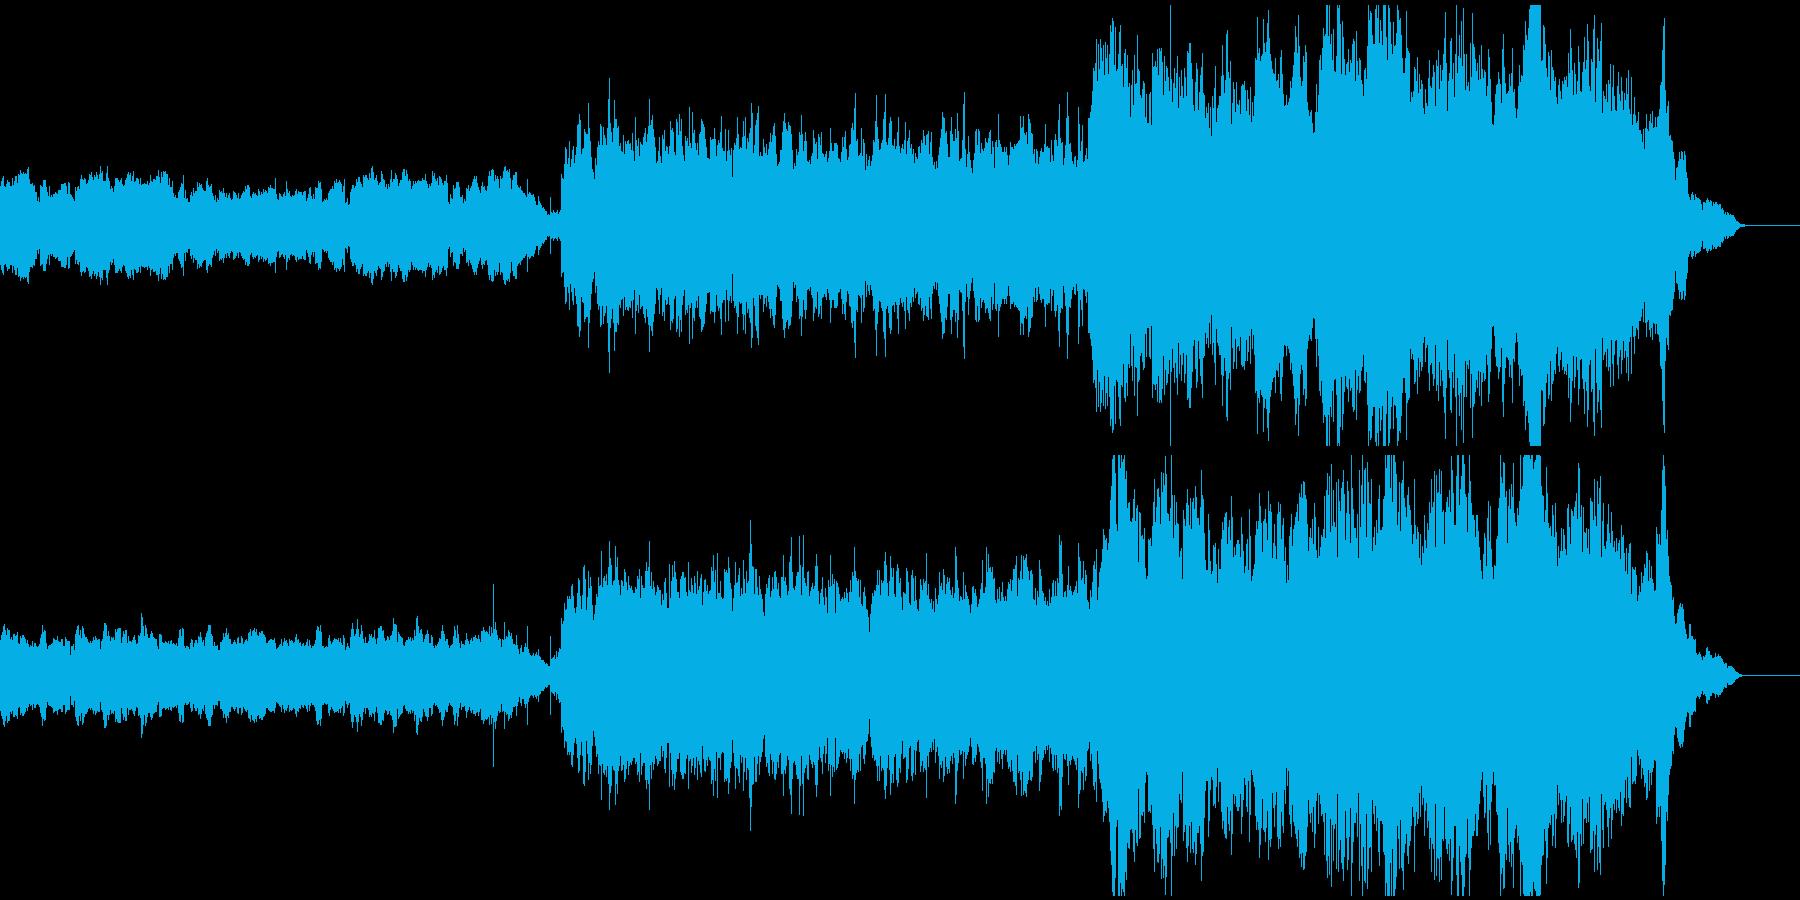 バグパイプとオーケストラのアメイジングの再生済みの波形